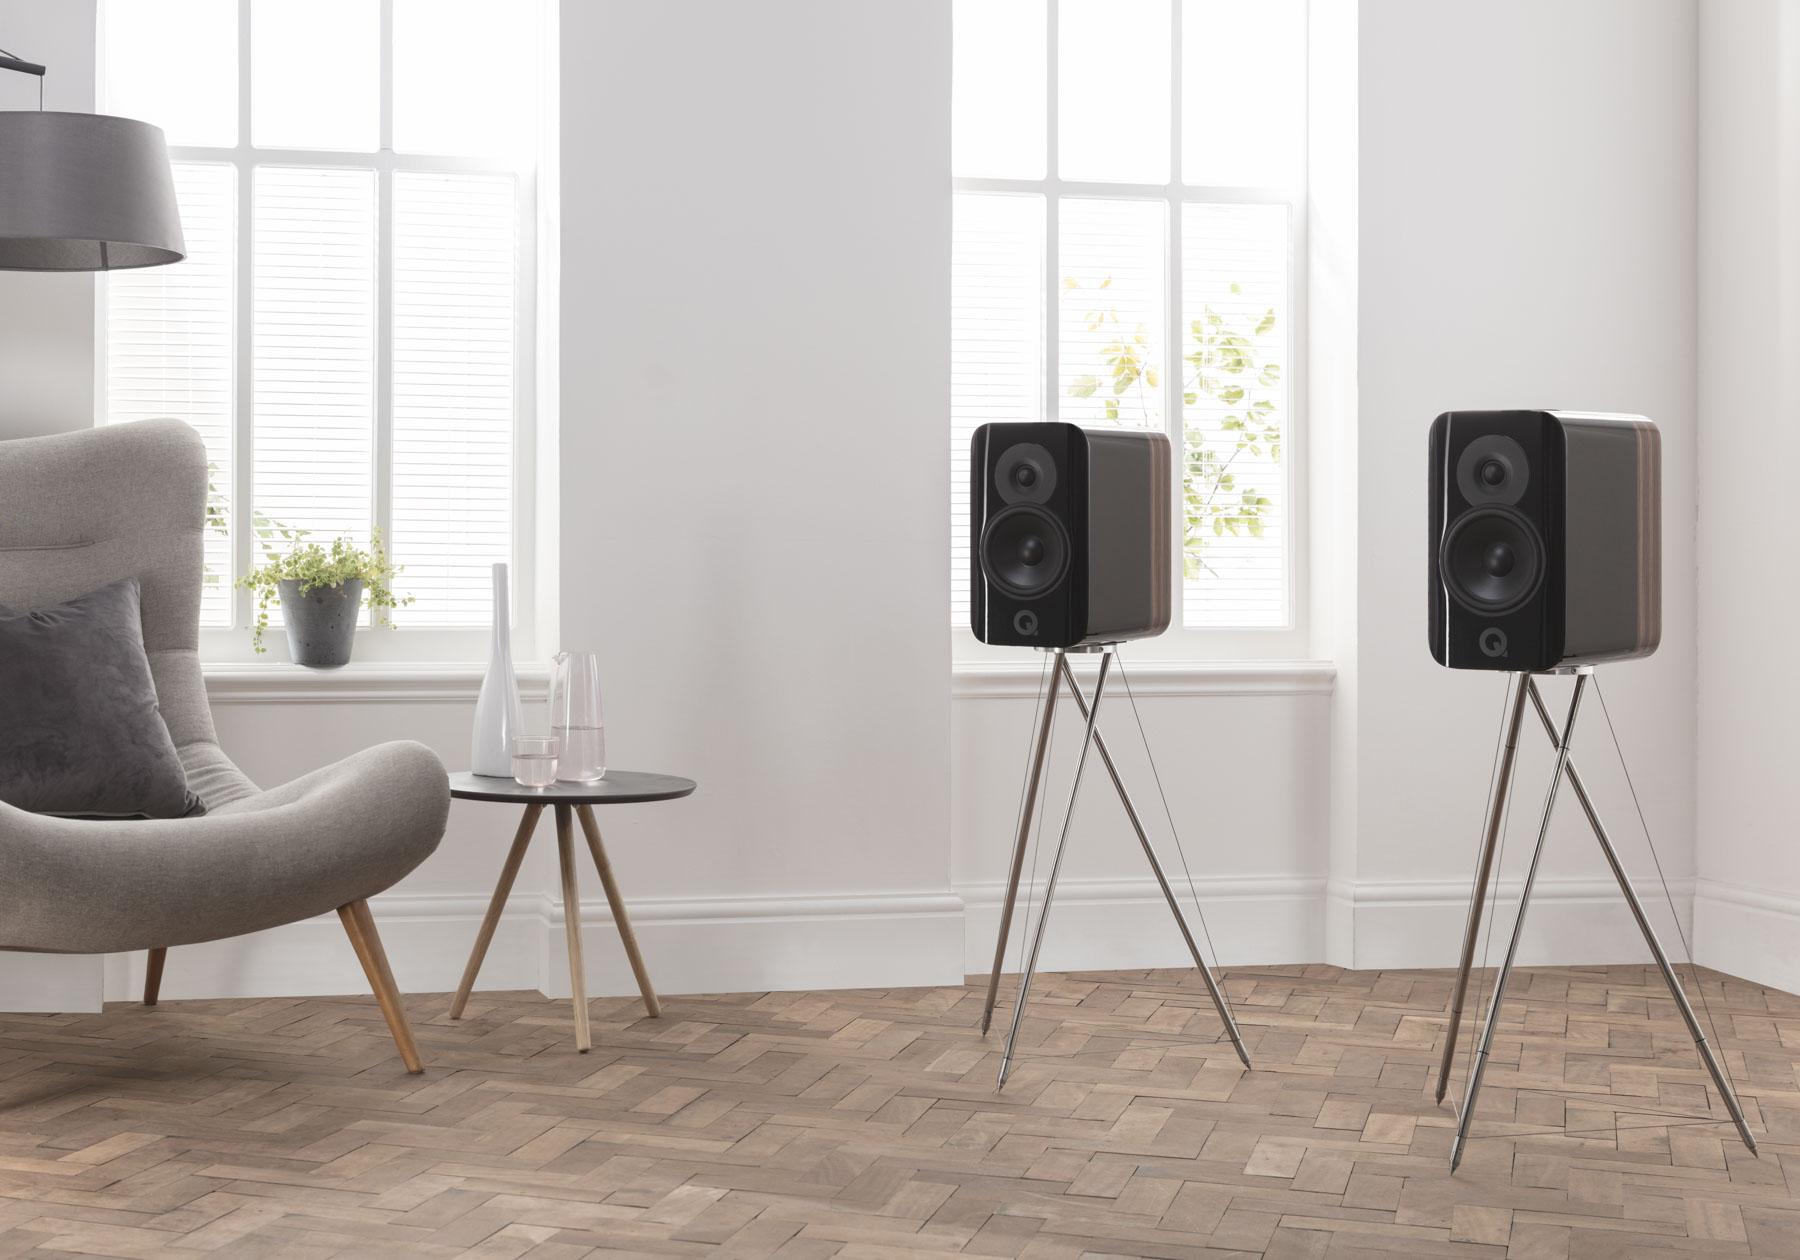 News: Q Acoustics veröffentlicht Lautsprecher Concept 300